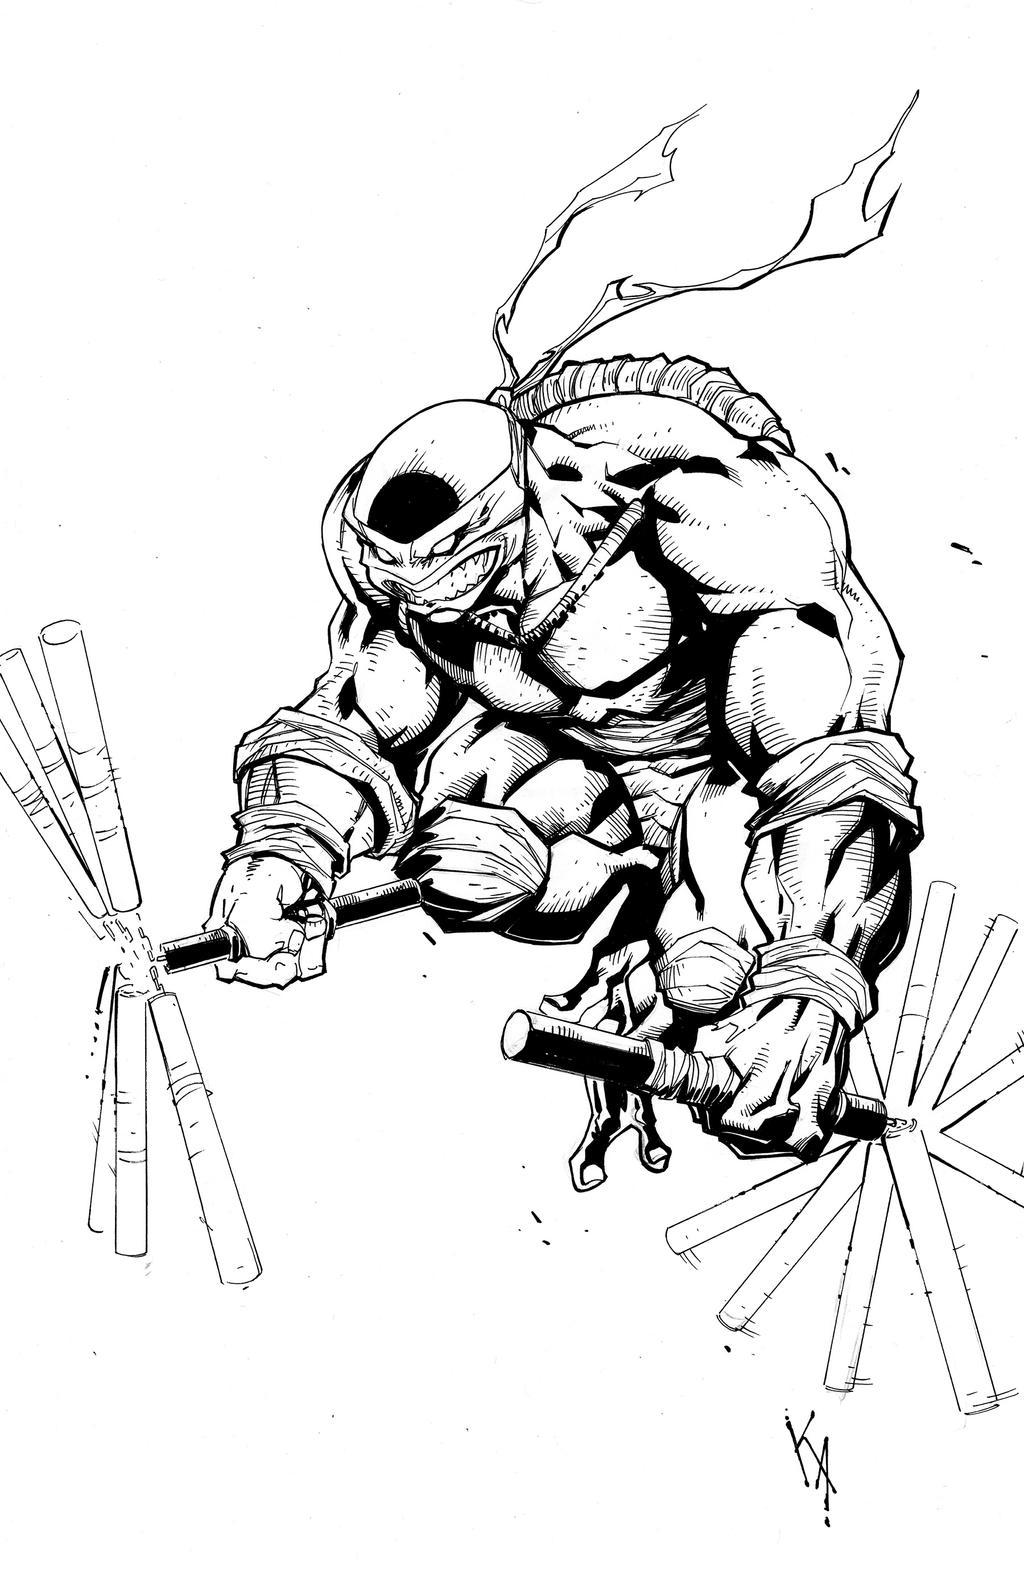 Ninja turtle michelangelo drawing - photo#15